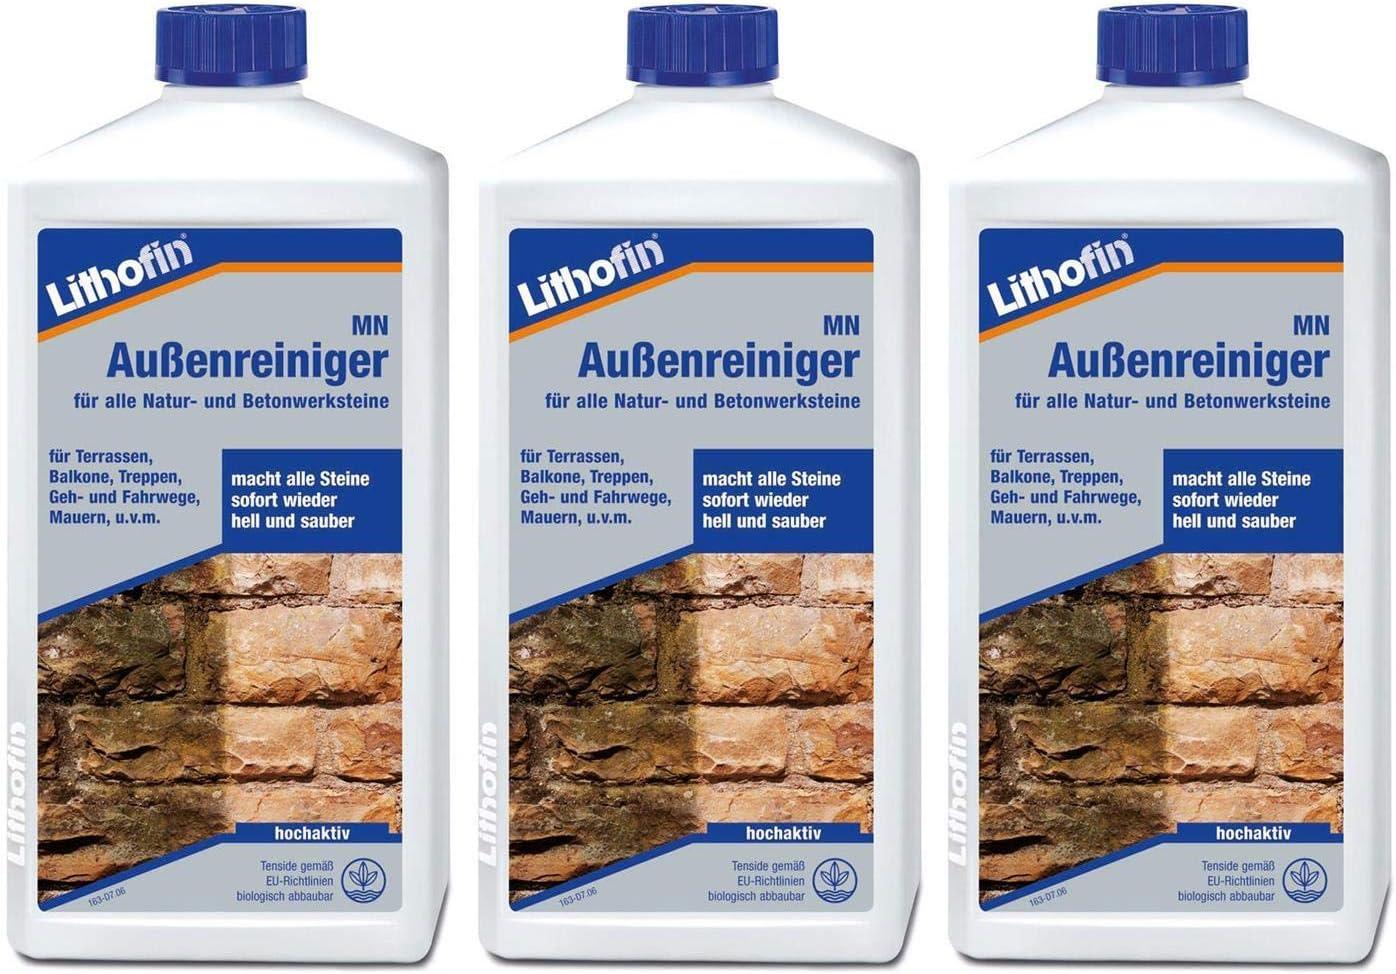 Lithofin MN Außenreiniger Naturstein Betonwerkstein 1 L Terrasse Gehweg Treppe